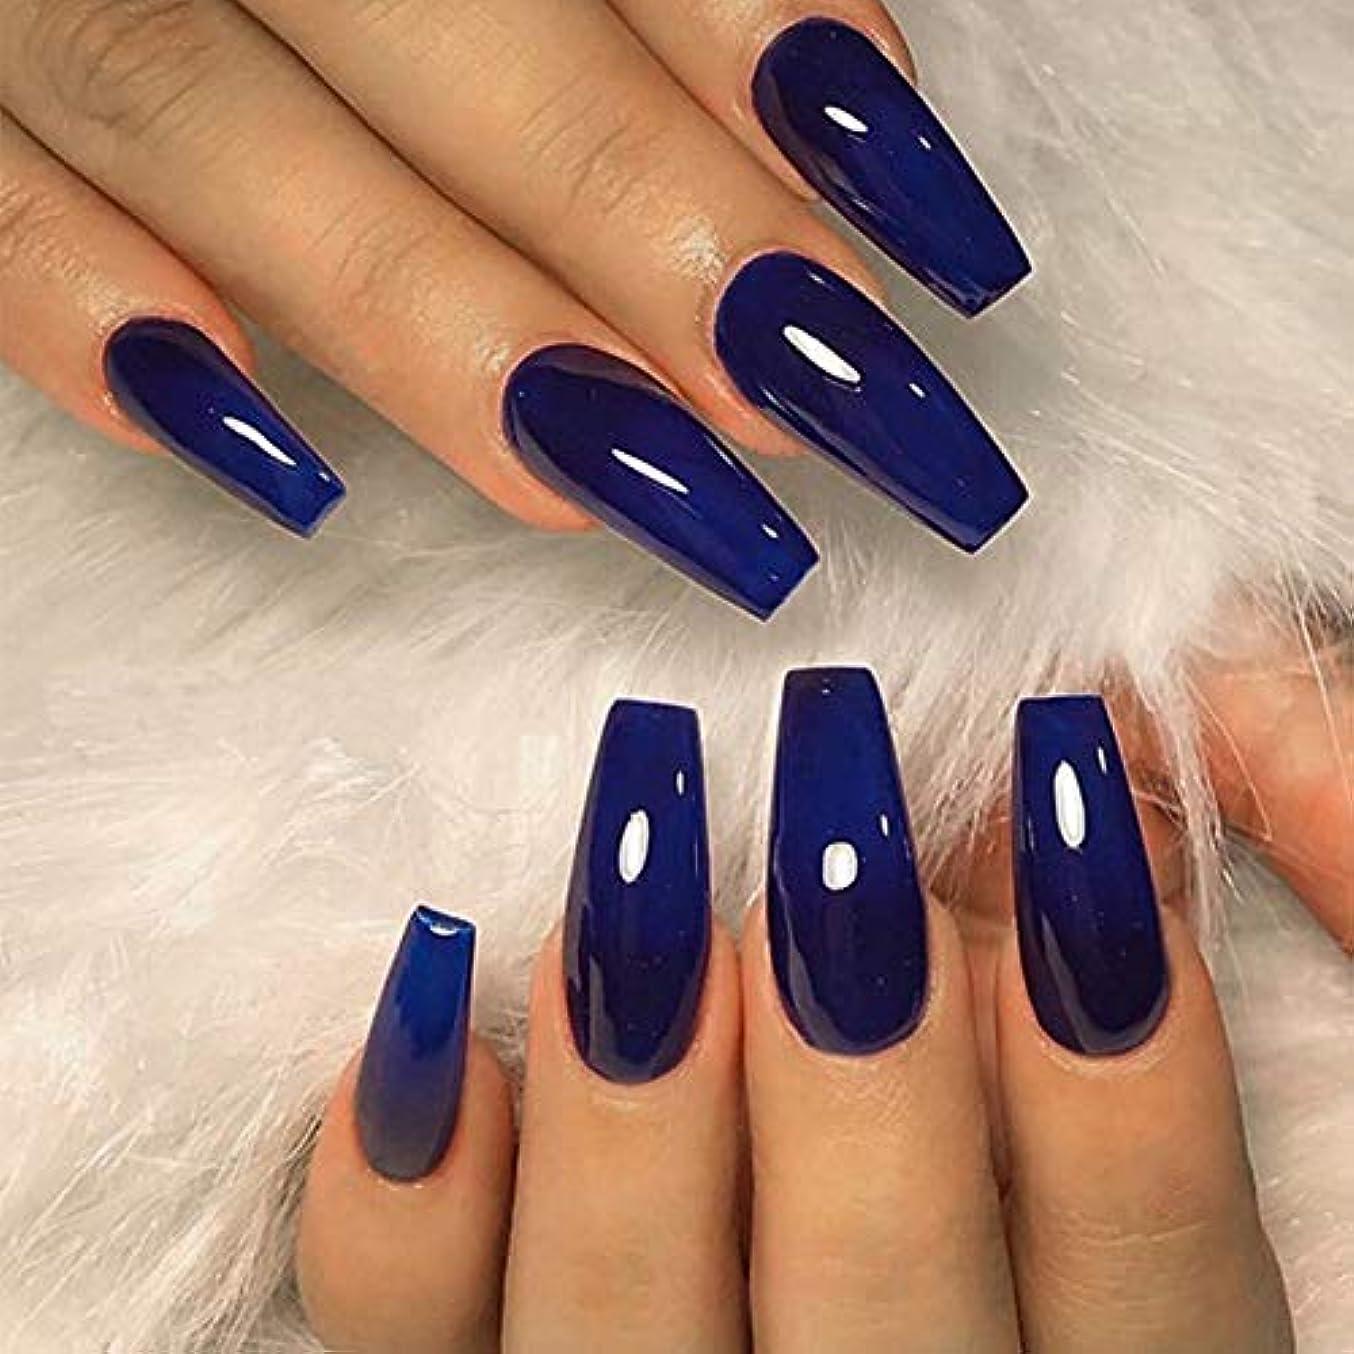 有害な成熟したファイルXUTXZKA ウェアラブルロングスクエアヘッドフェイクネイルのヒント女性マニキュア装飾ブルー人工爪パッチ24ピース/セット